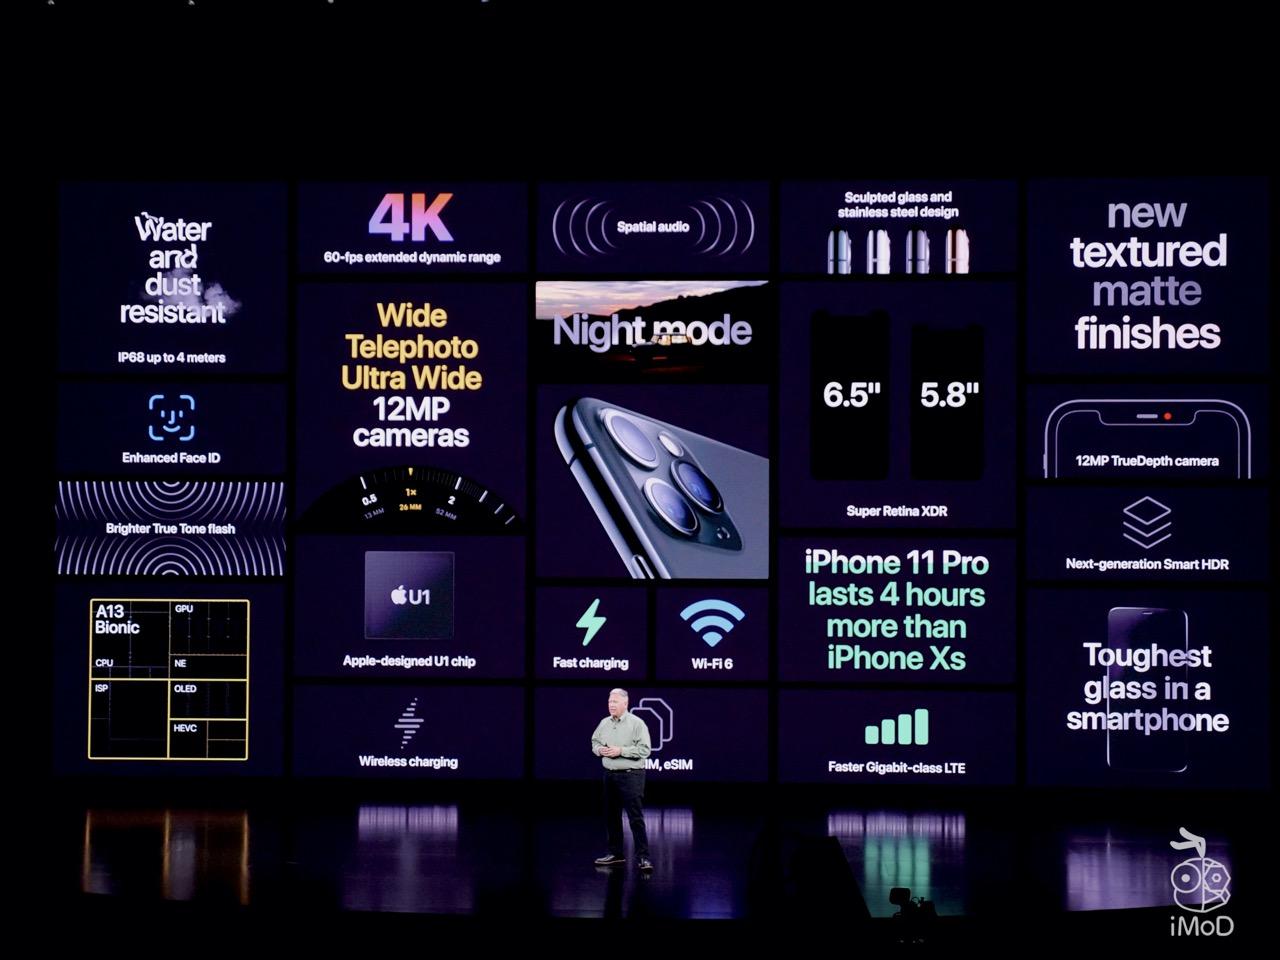 Iphone 11 Pro Spec Hilight